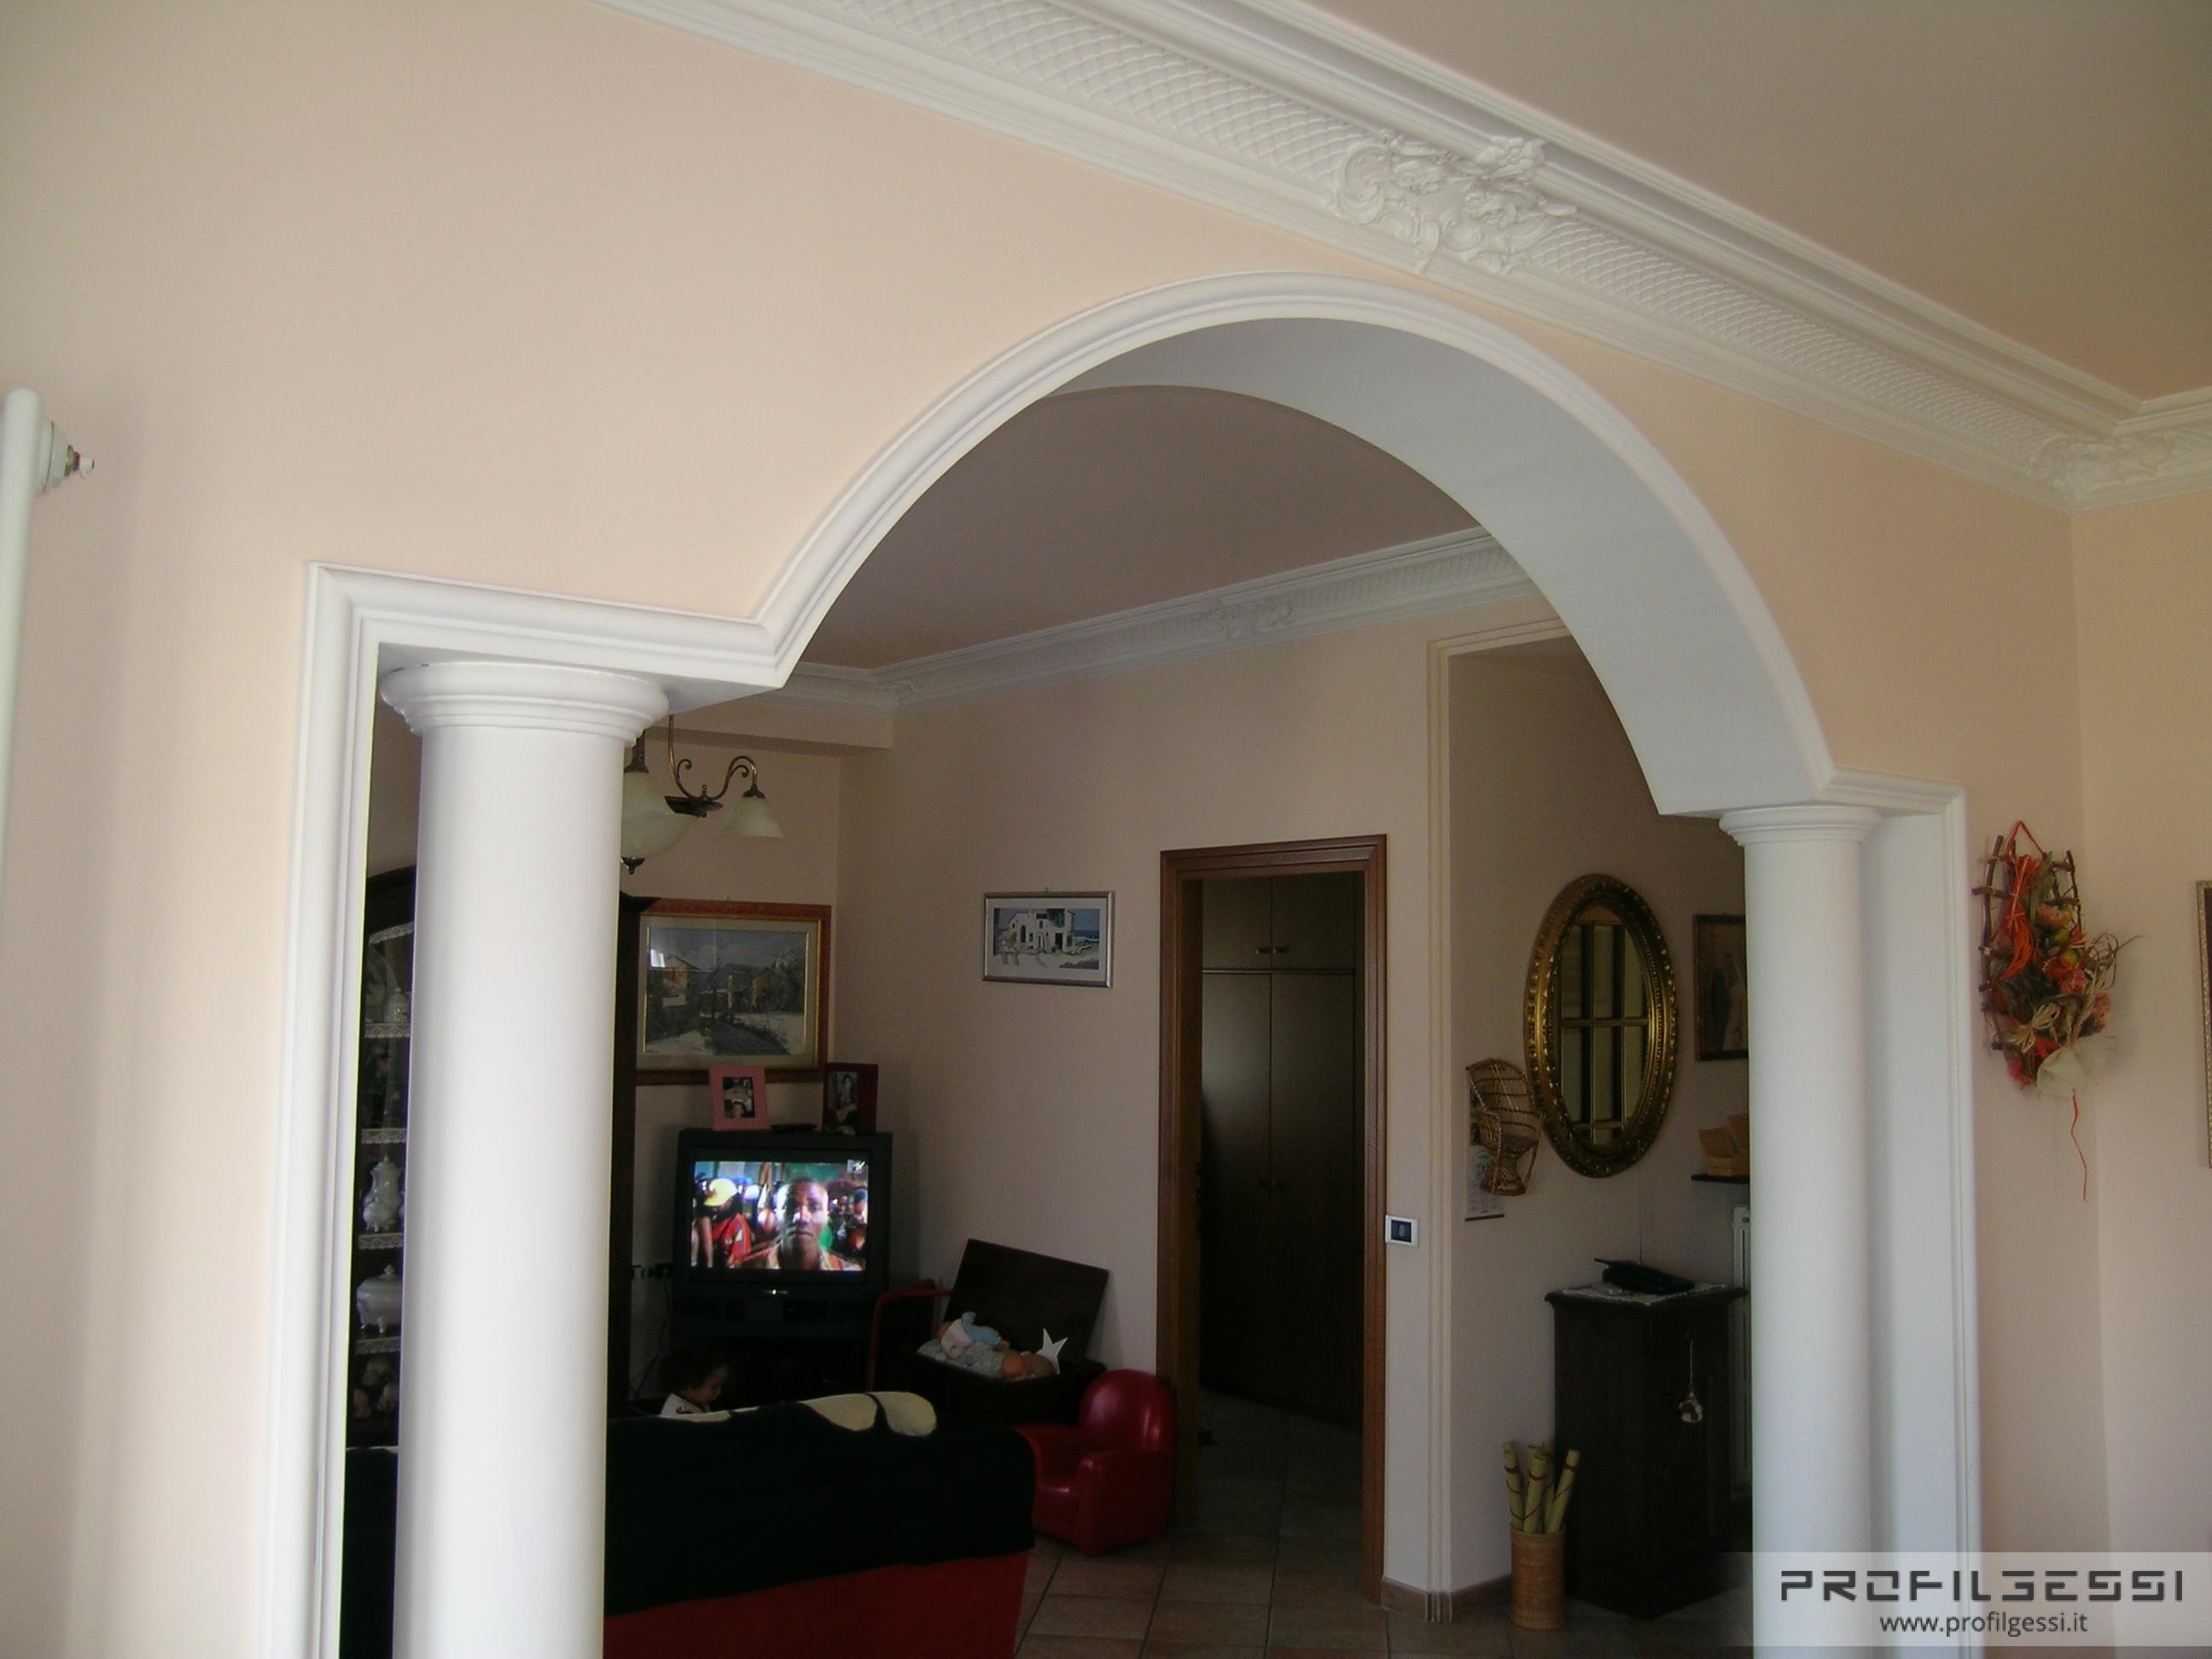 Forme su misura di qualsiasi genere in gesso e materiali for Archi per interni appartamenti